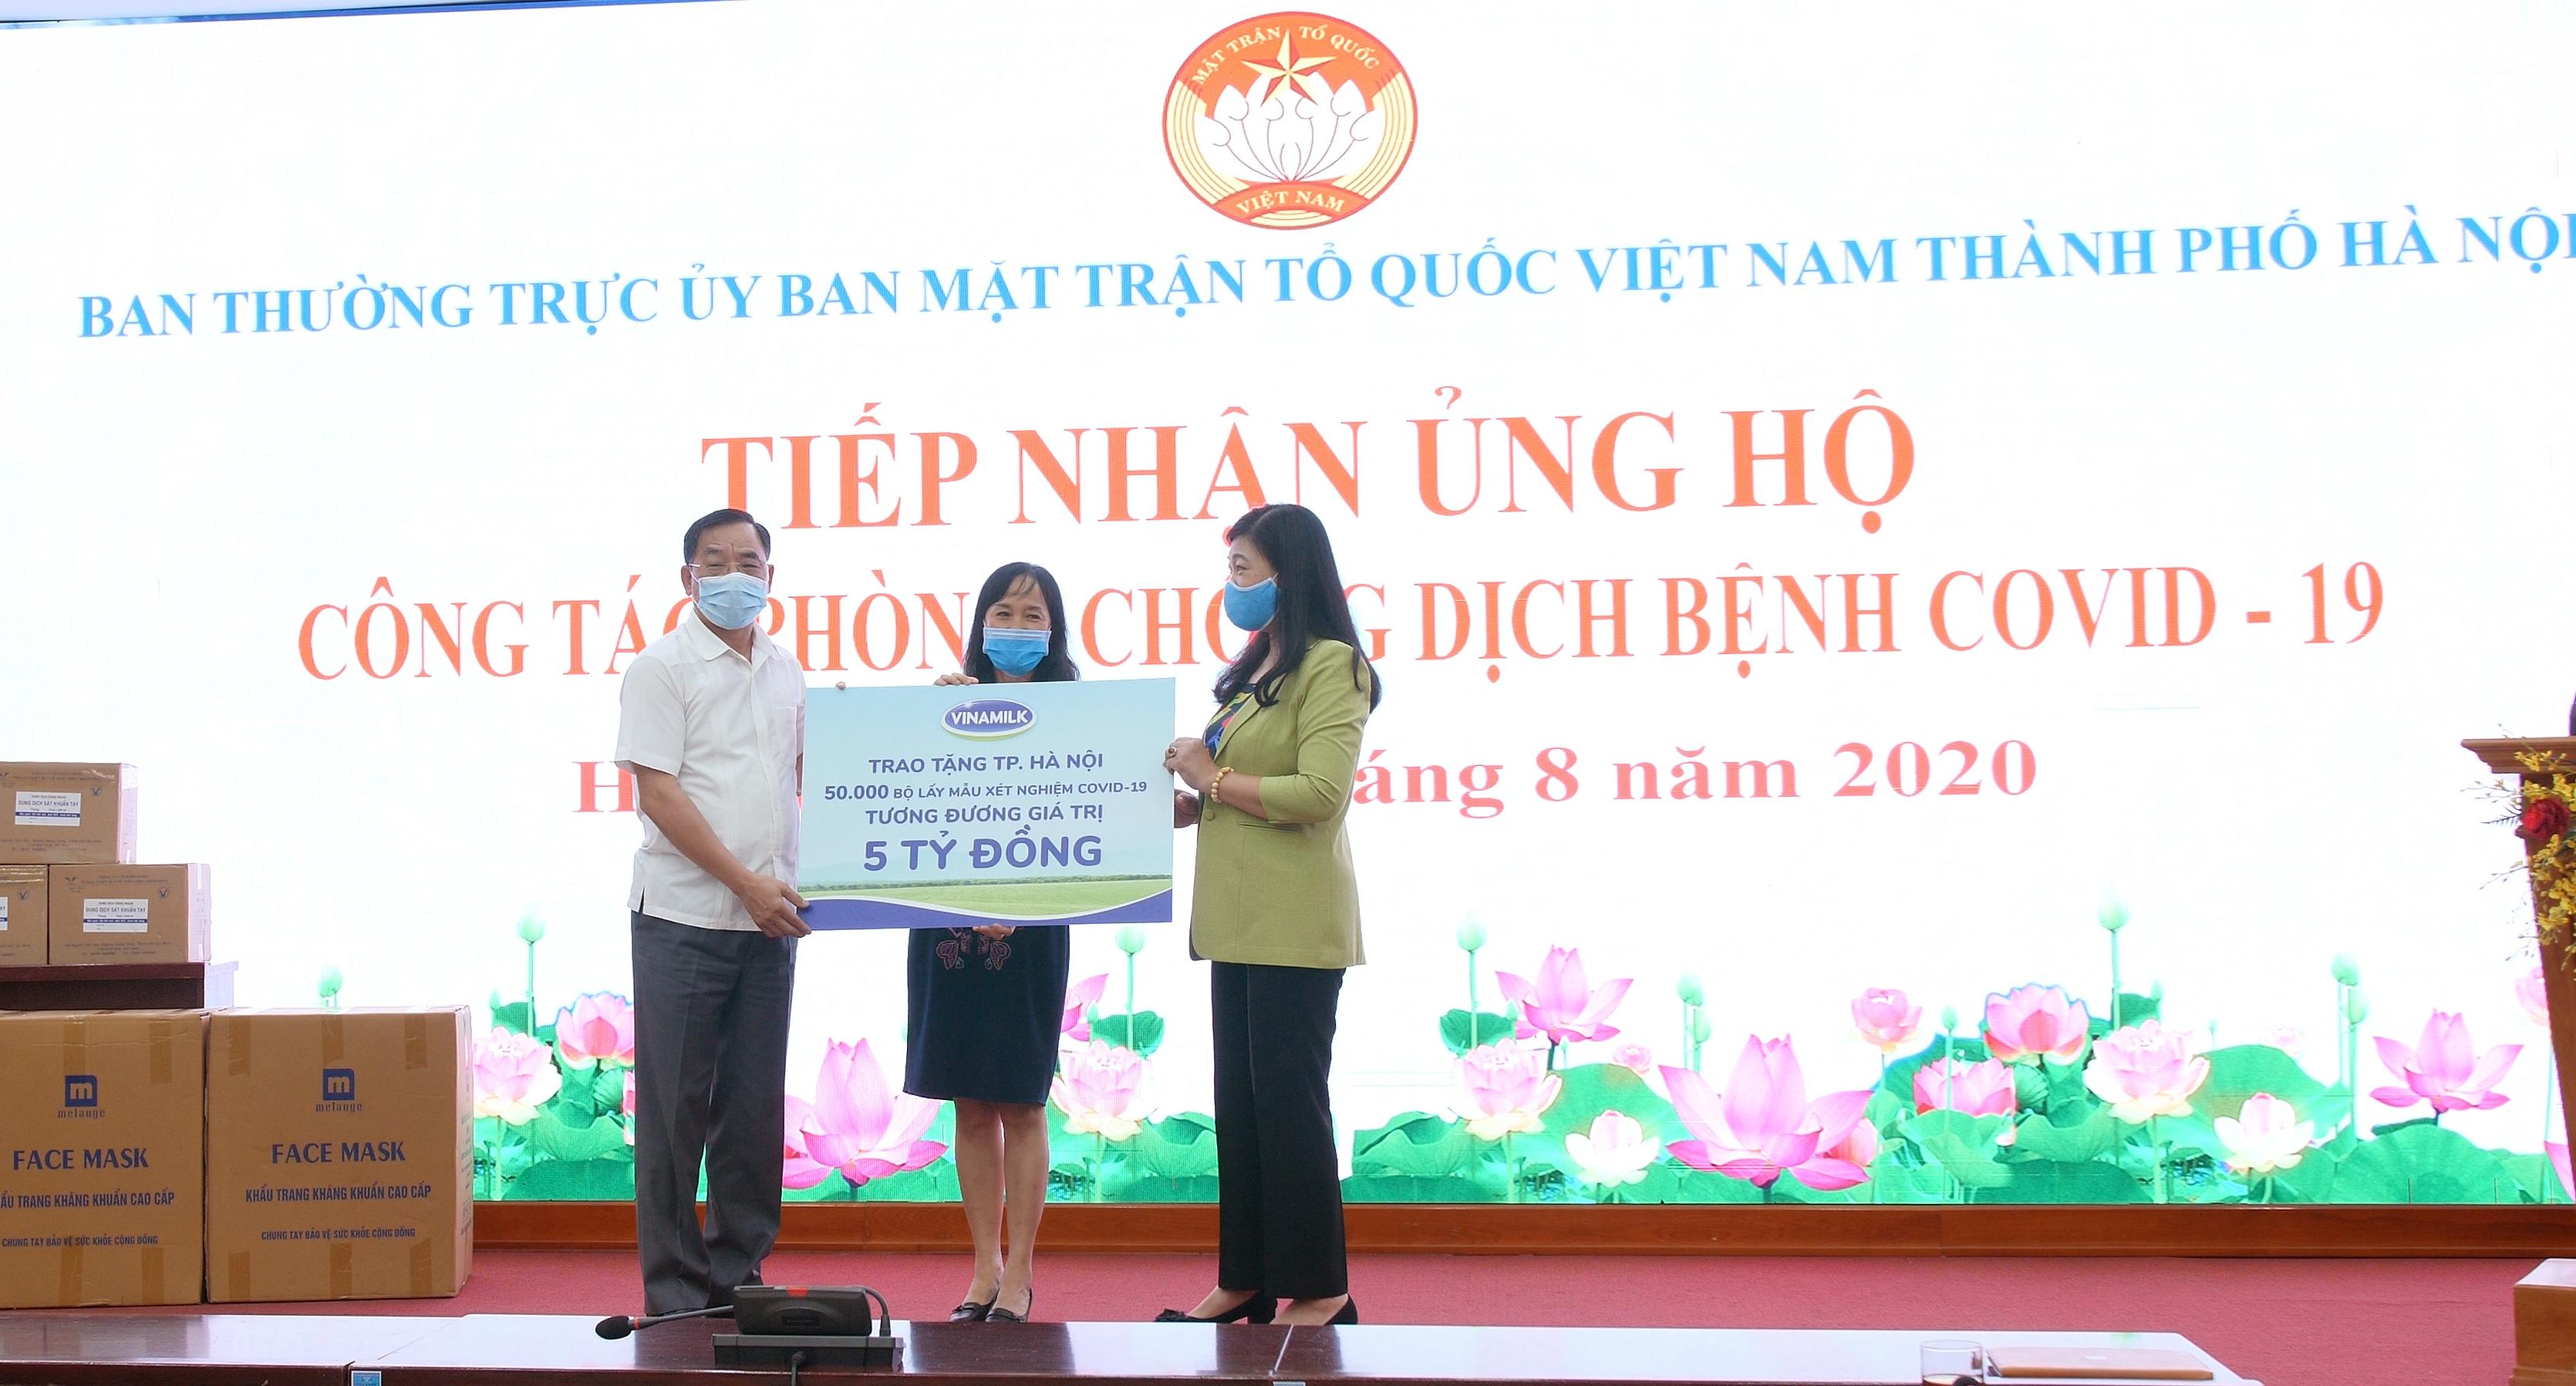 Vinamilk ủng hộ 8 tỉ đồng cho Hà Nội và ba tỉnh miền Trung chiến đấu chống dịch COVID-19 - Ảnh 1.